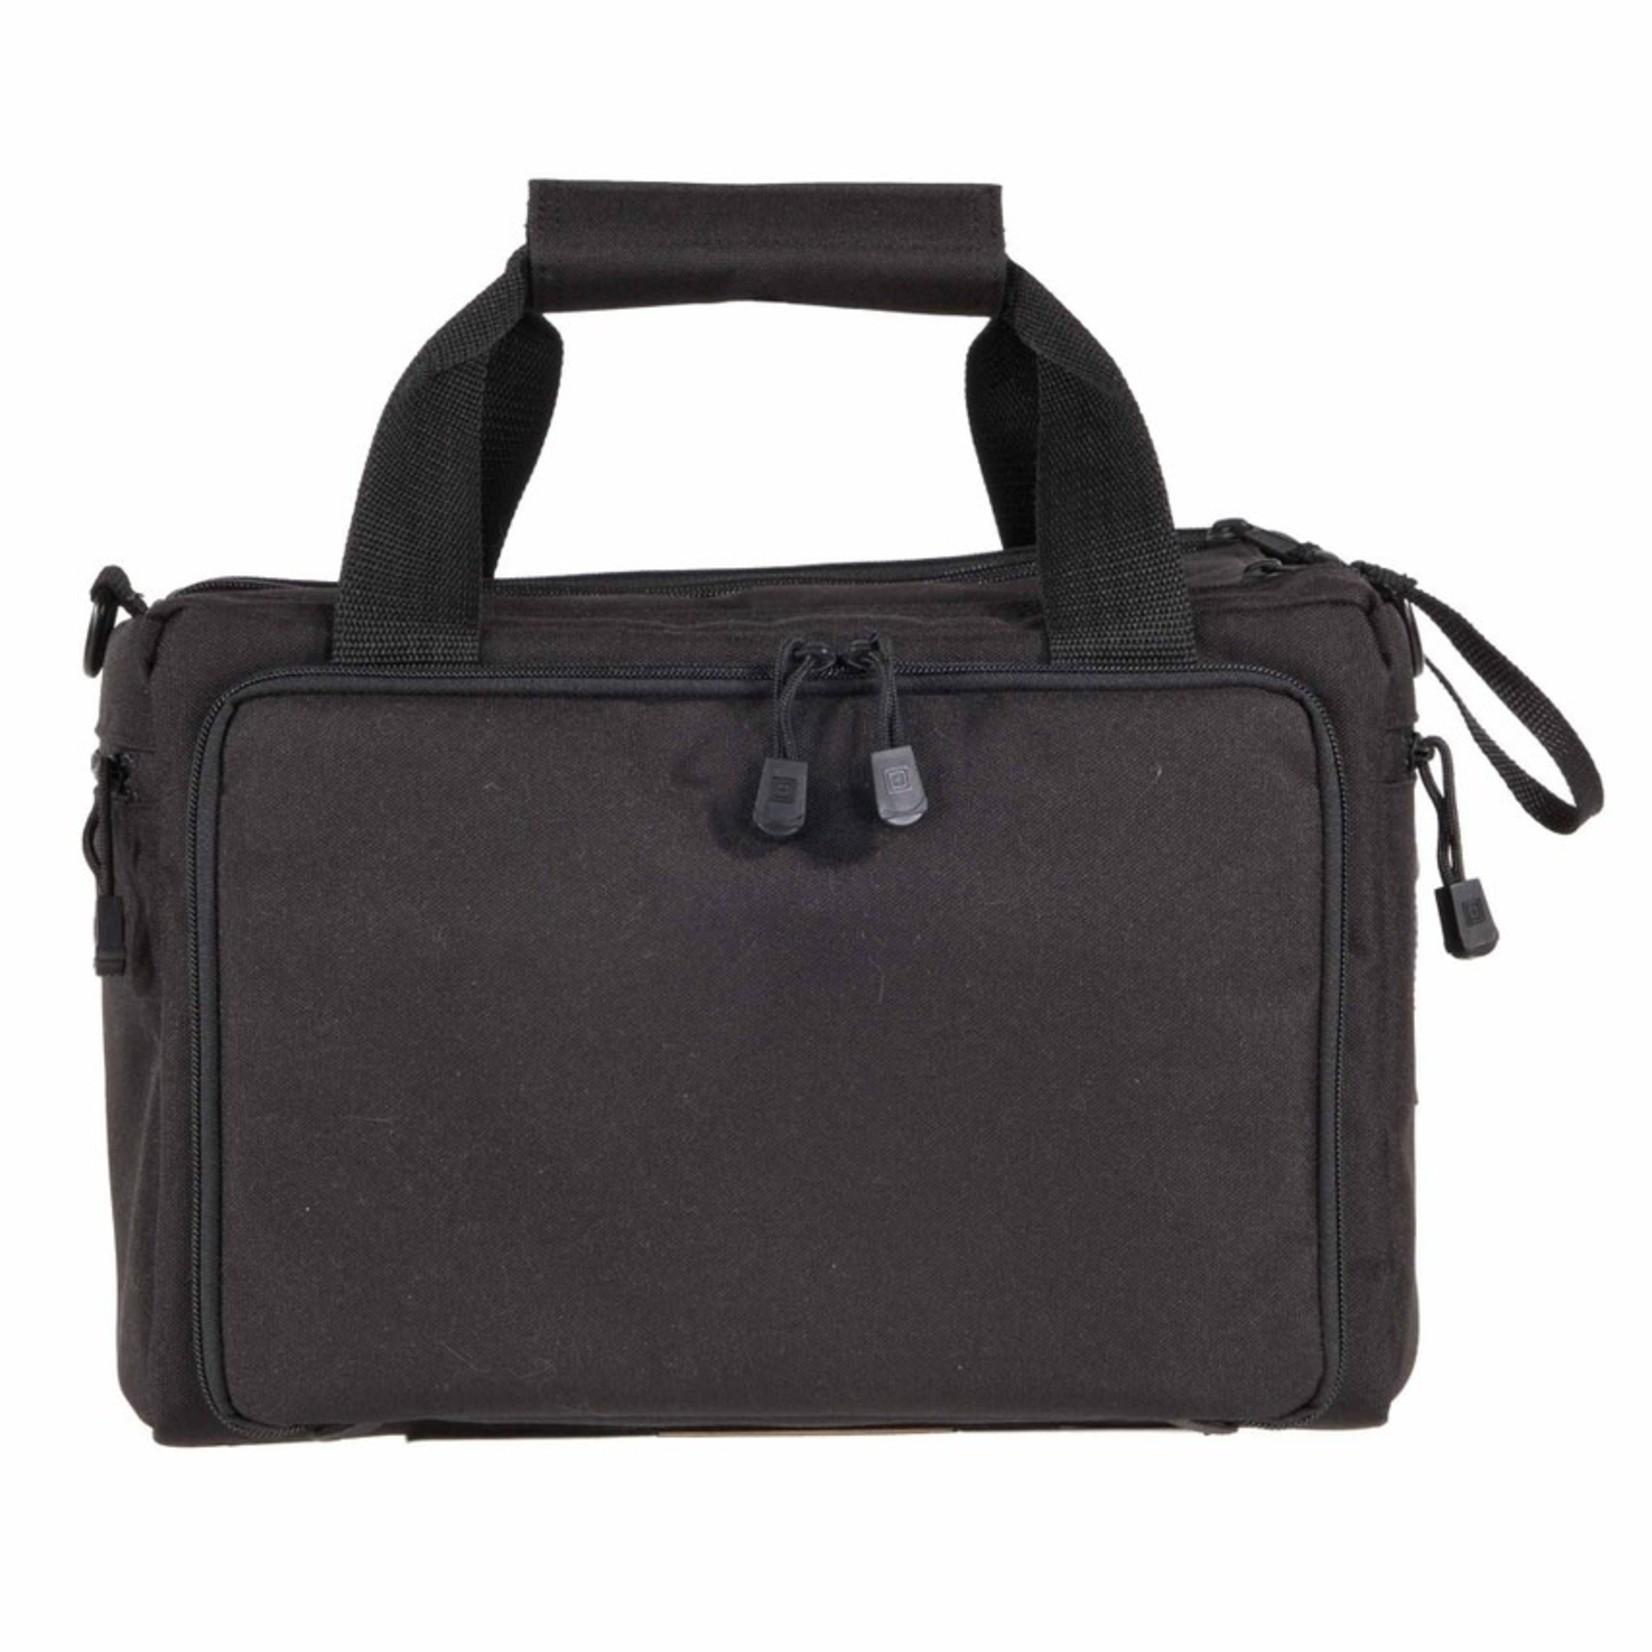 5.11 Tactical 5.11 Range Qualifer Bag